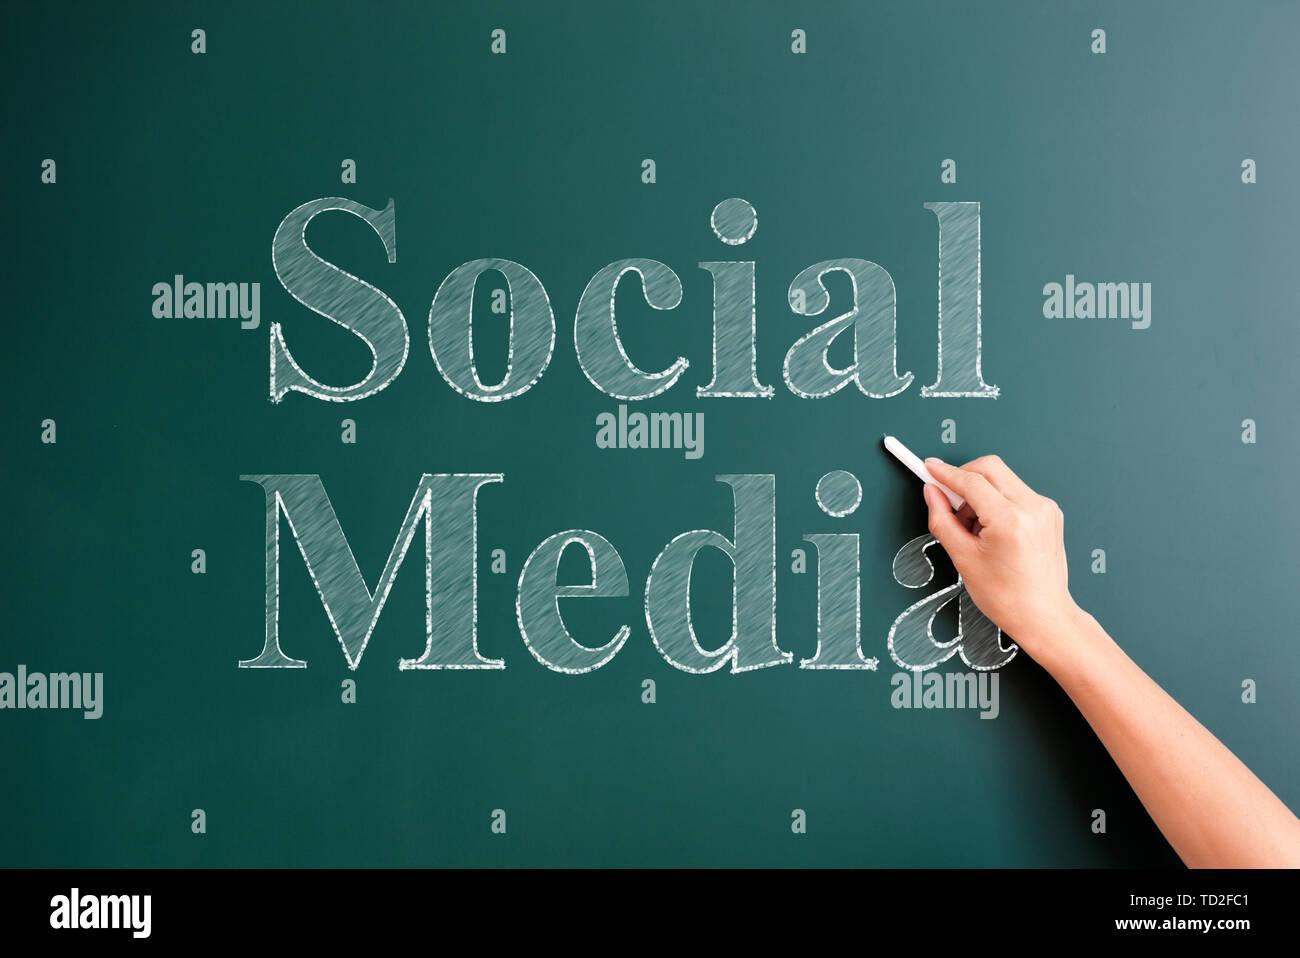 social media written on blackboard - Stock Image